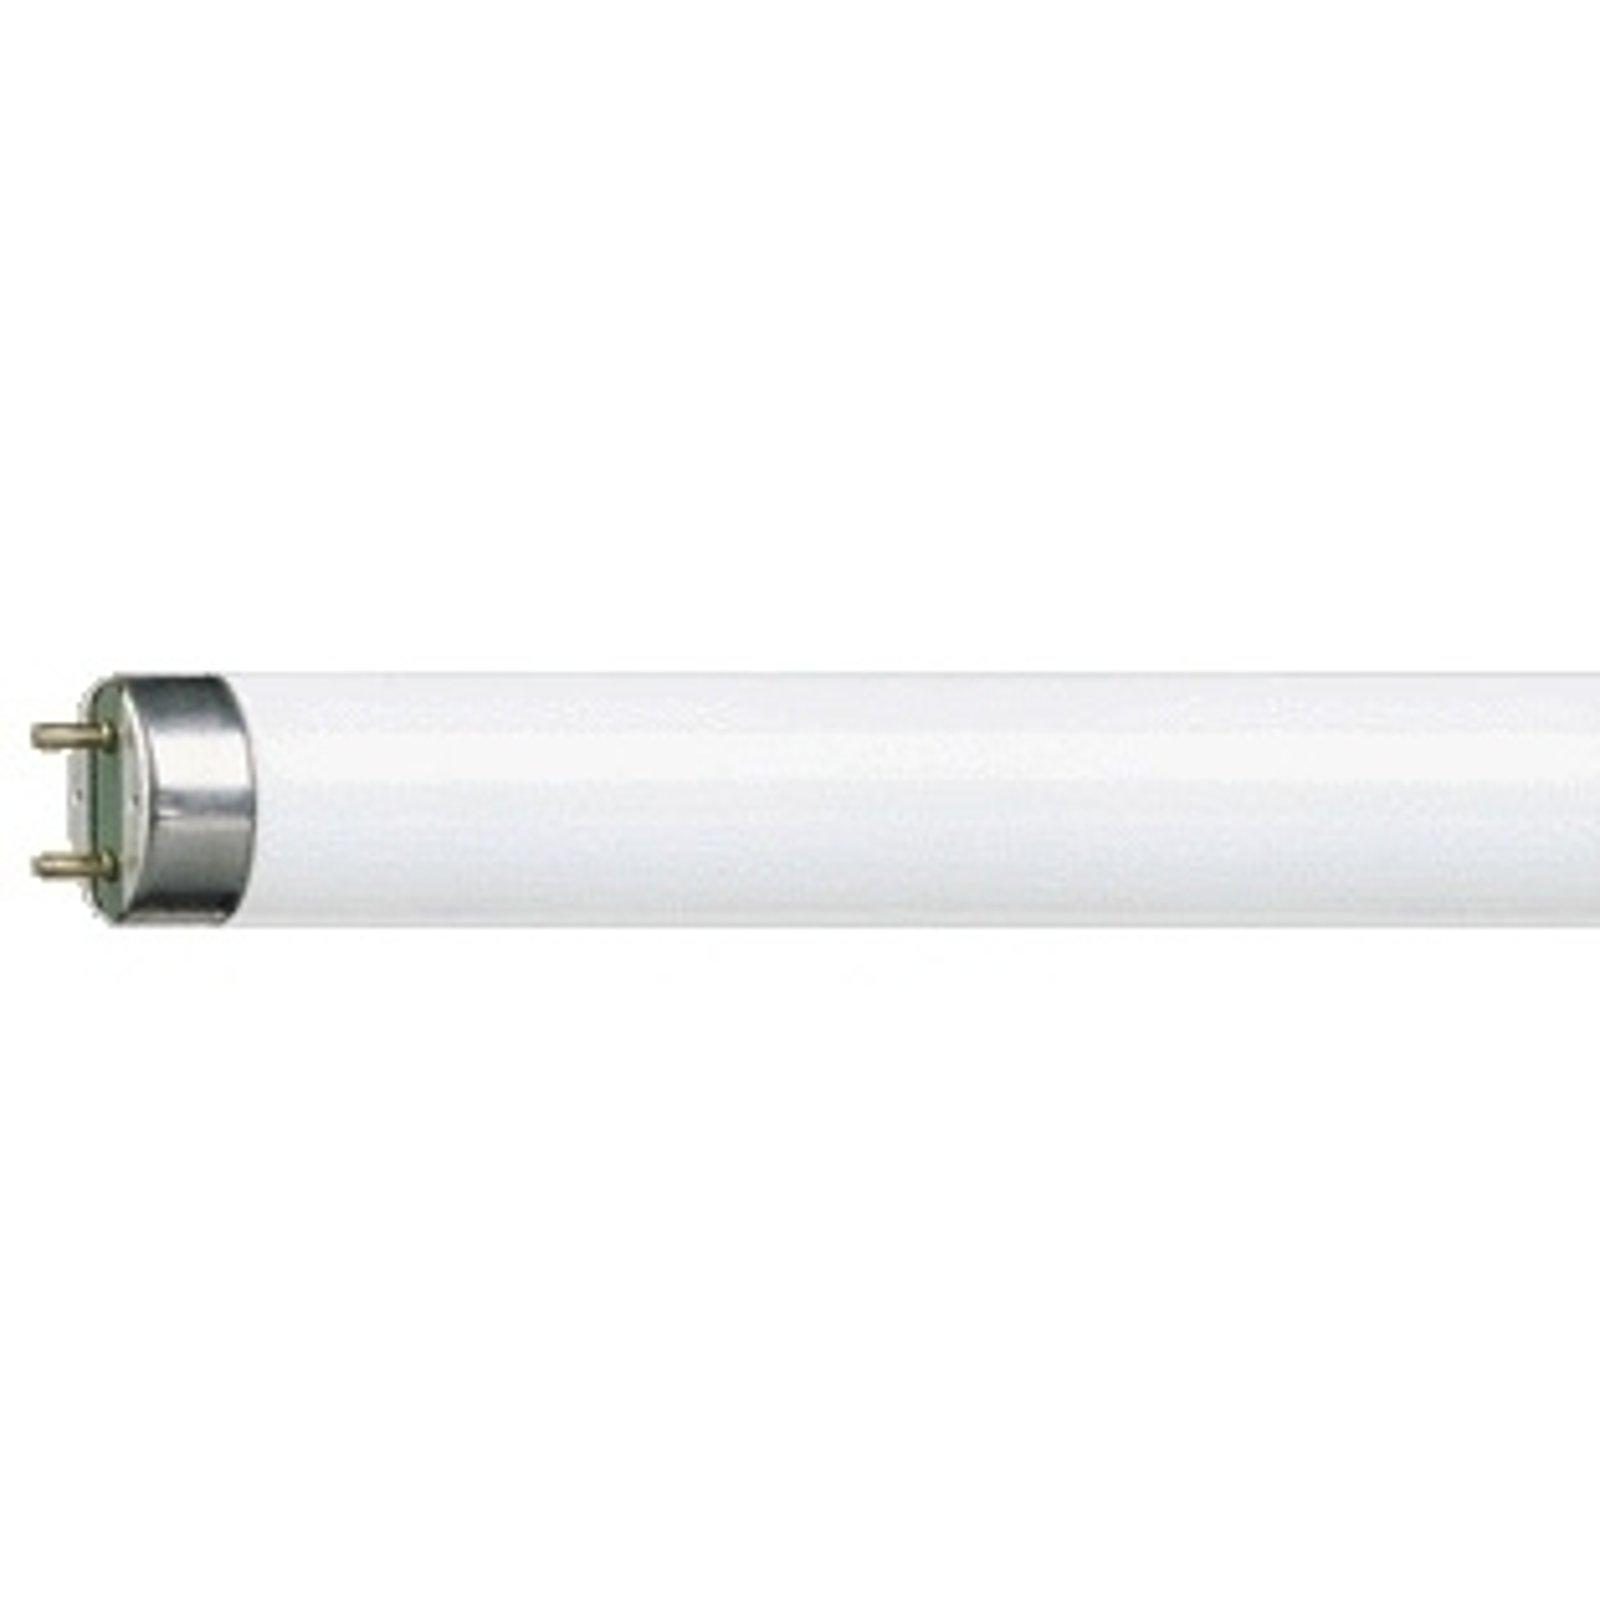 G13 T8-lyspære MASTER TL-D Super 30W/830